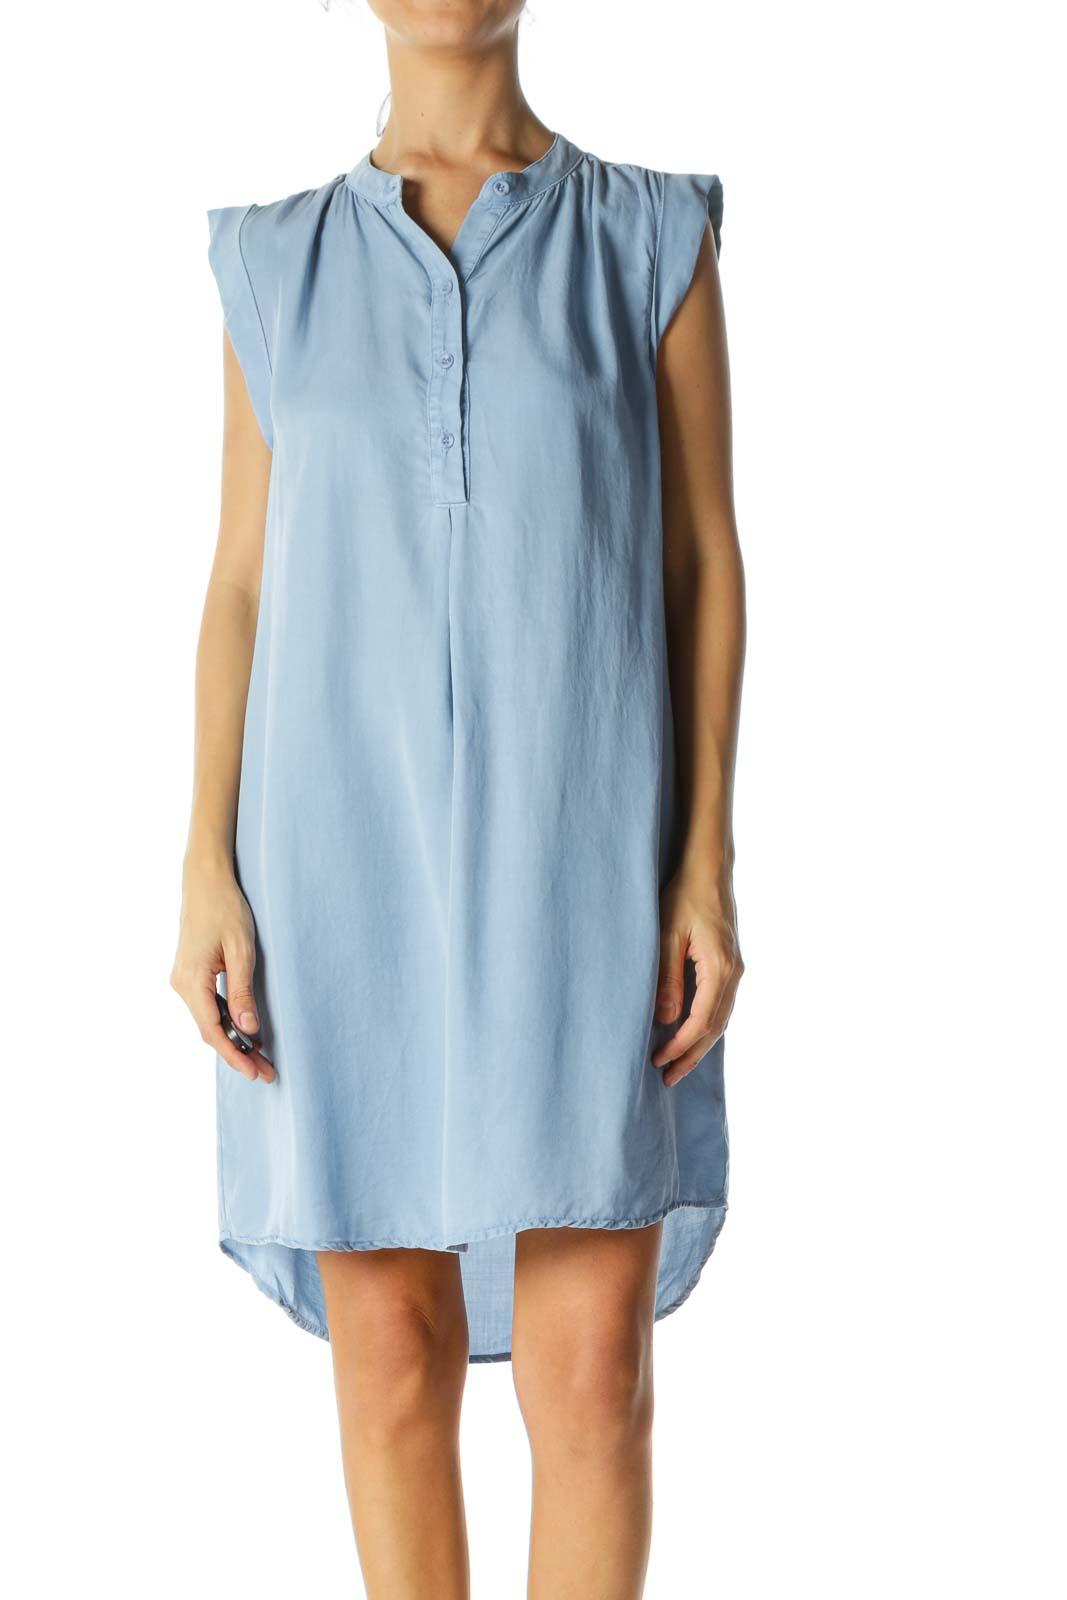 Light Blue Buttoned Sleeveless Shirt Dress Front